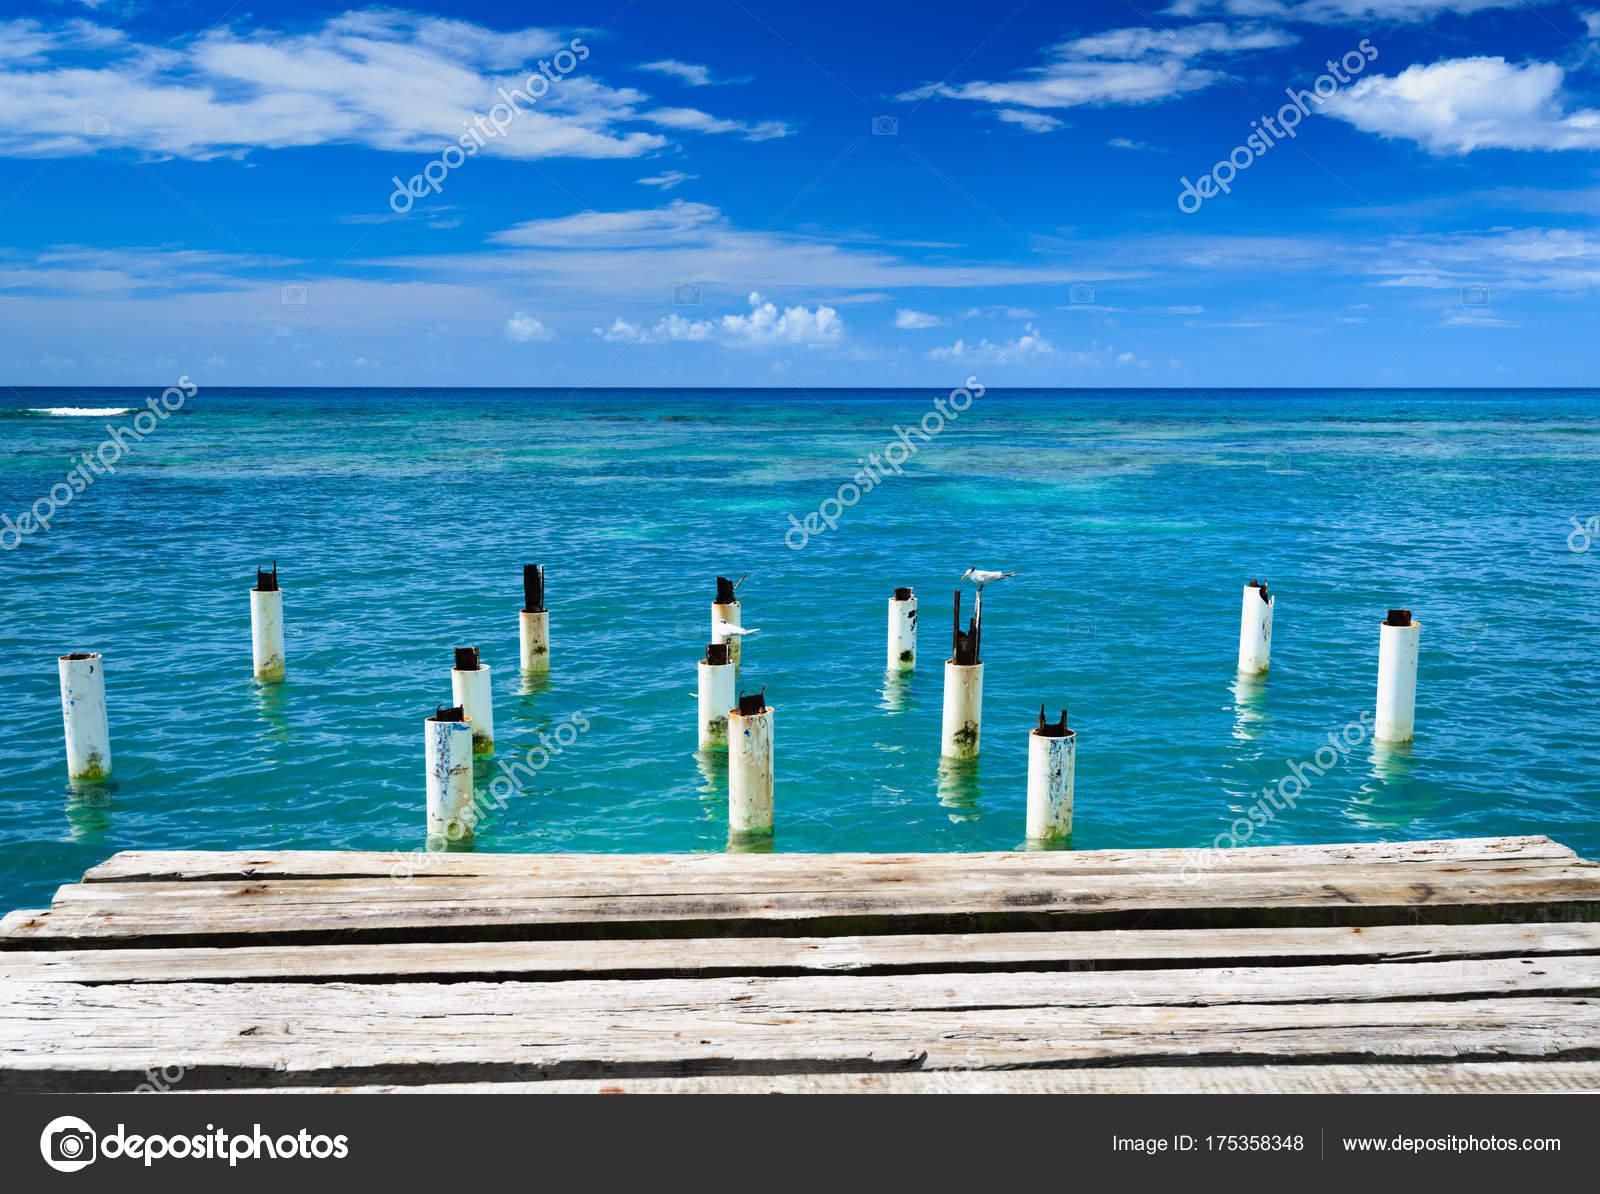 pont en bois s avance dans la mer r publique dominicaine photographie db rus 175358348. Black Bedroom Furniture Sets. Home Design Ideas